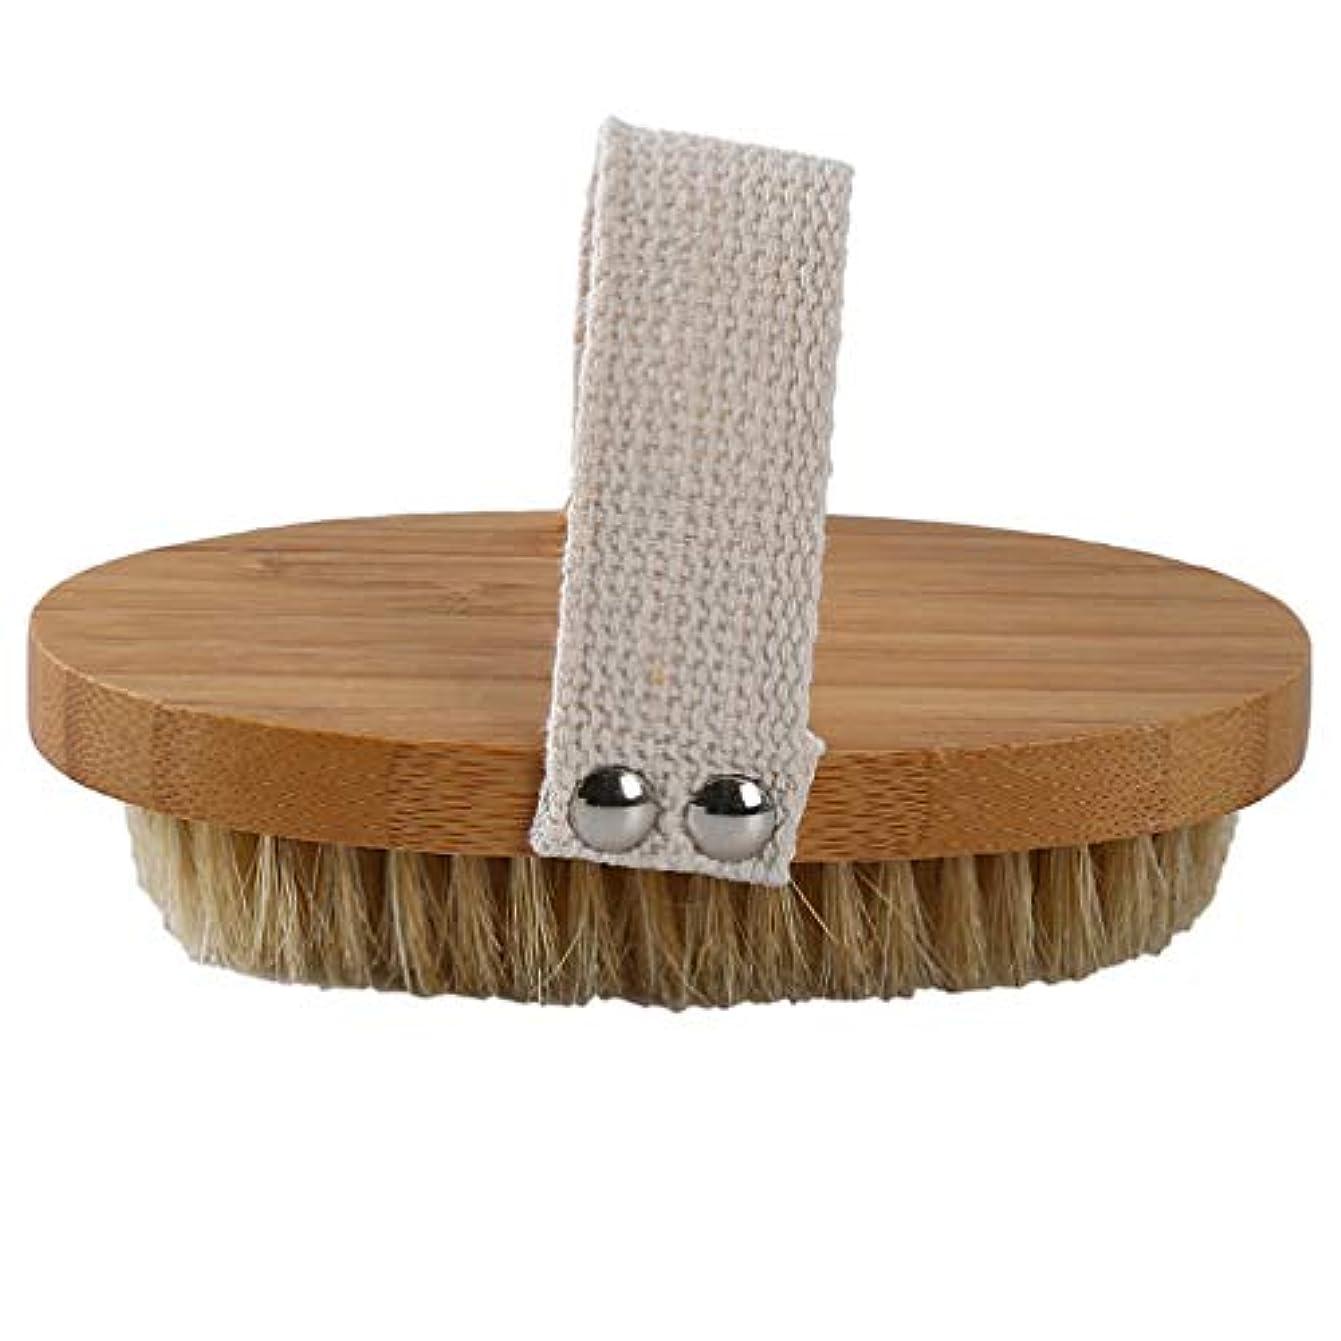 シリンダー消費アートNoonlity ボディブラシ 豚毛 体洗いブラシ マッサージ 柔らかい ボディ洗浄 お風呂用